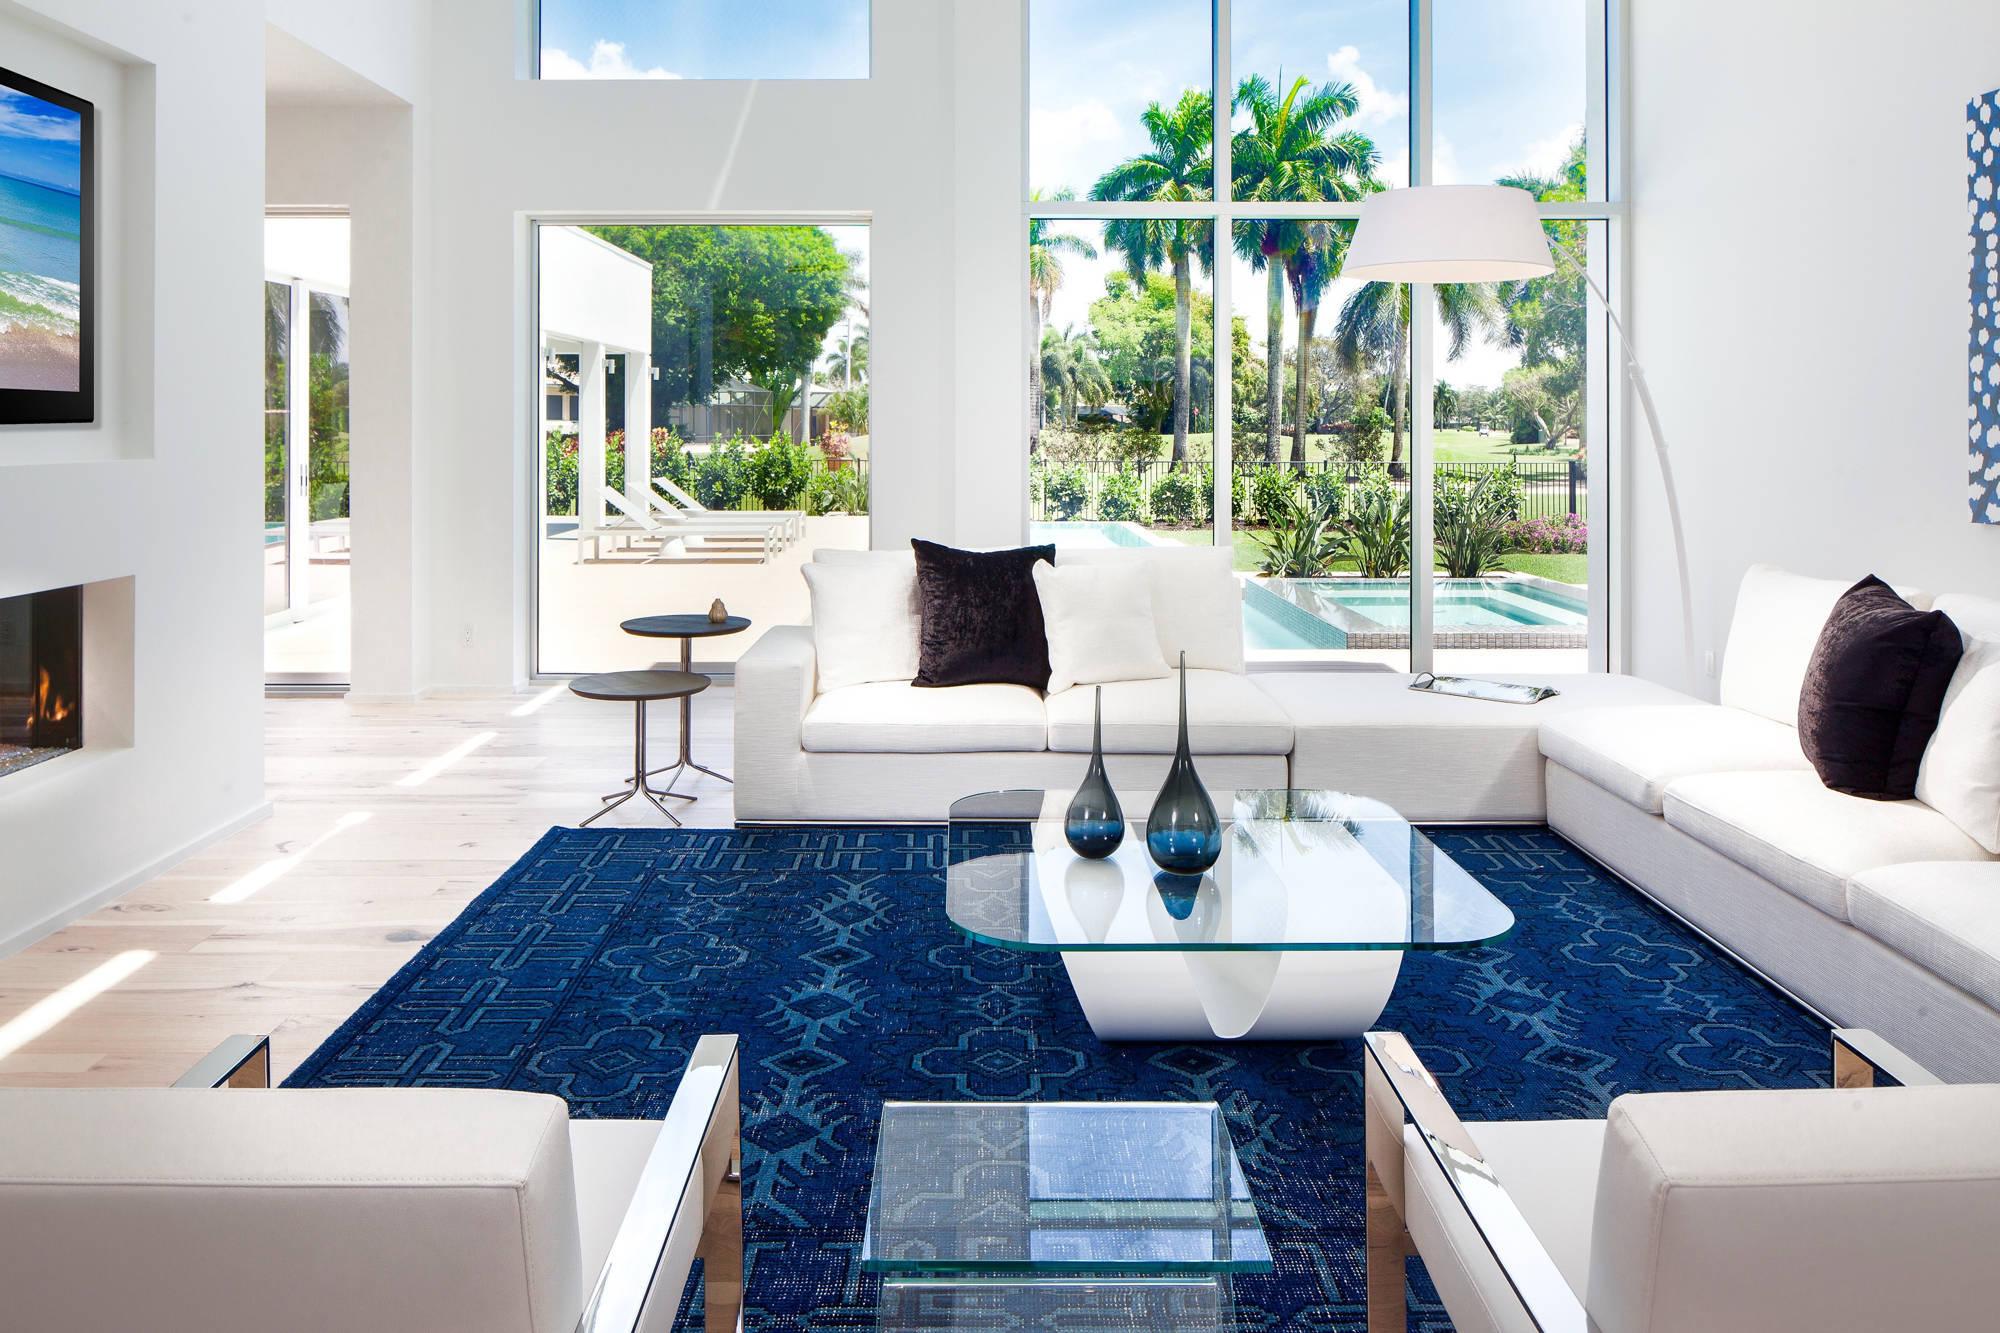 Naples Contemporary interior design